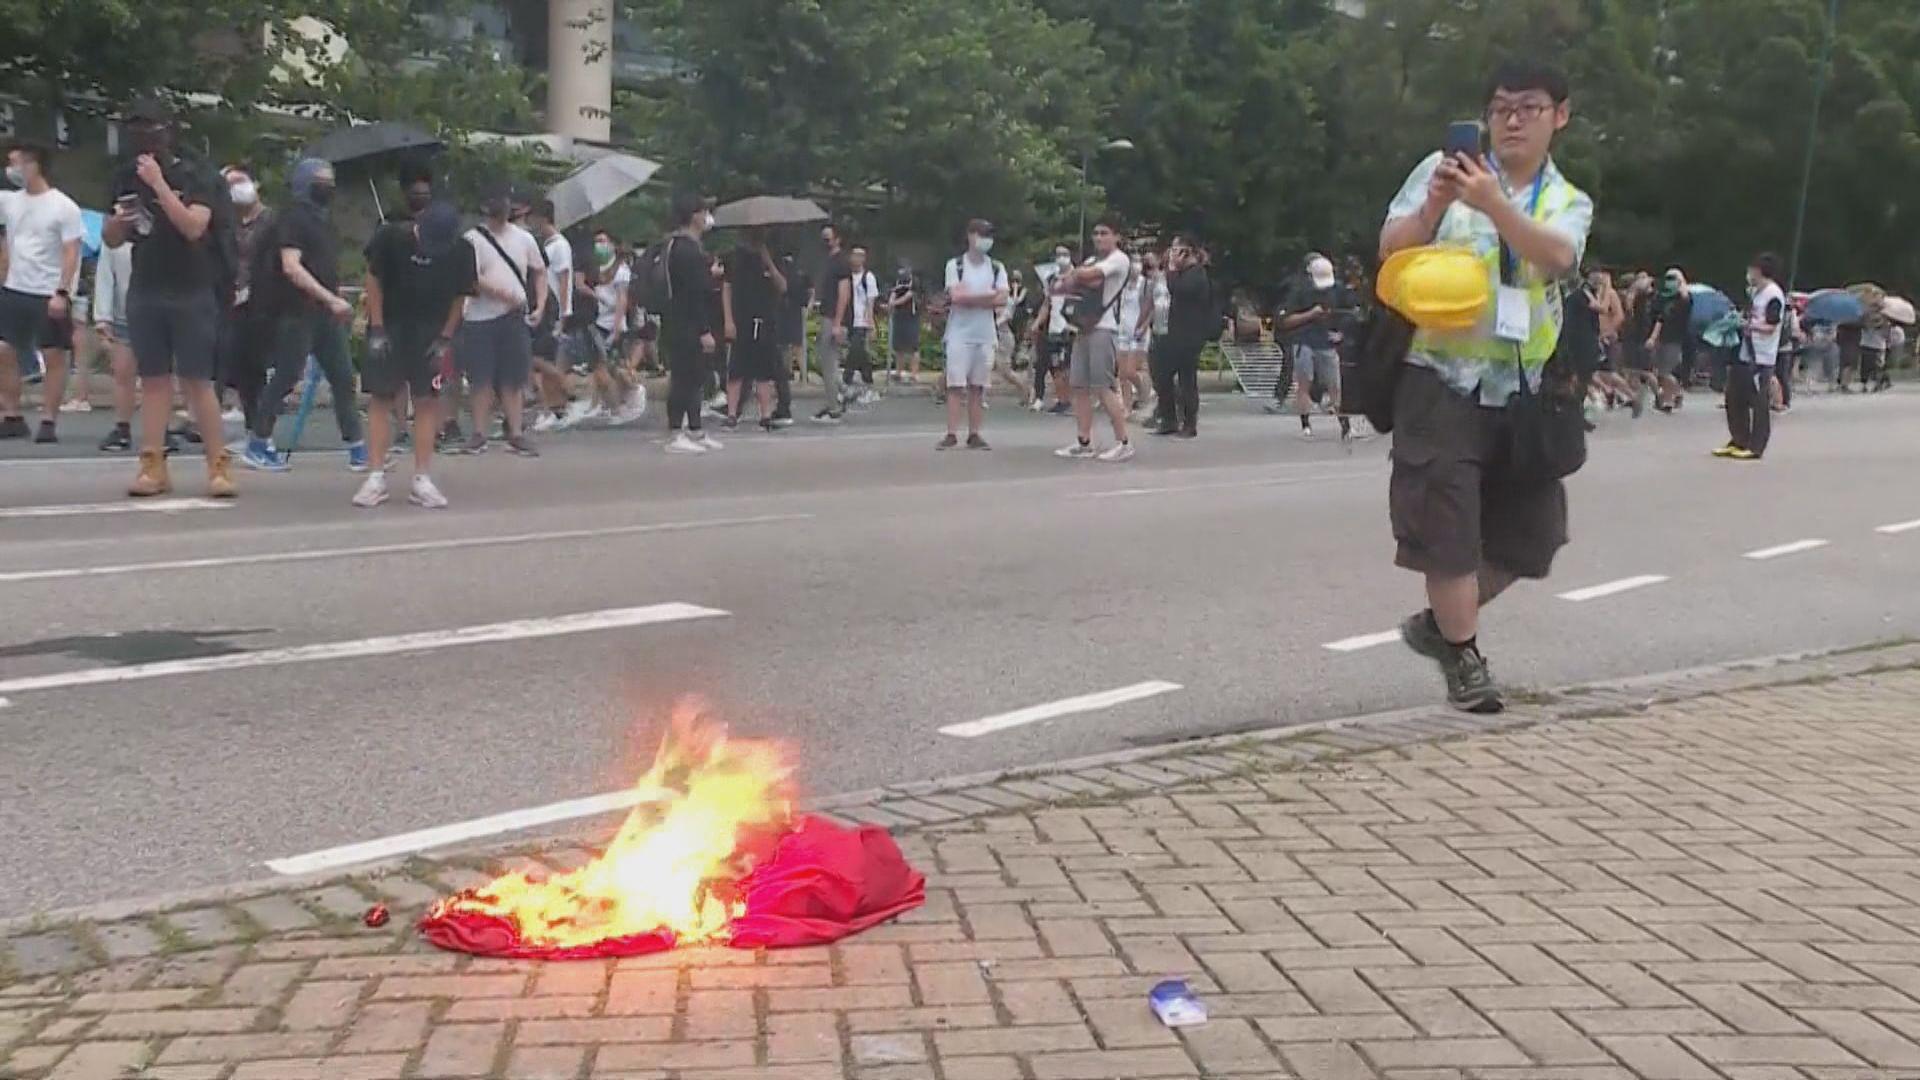 男子前年東涌燒國旗水馬 縱火及侮辱國旗等罪成判監4年7個月